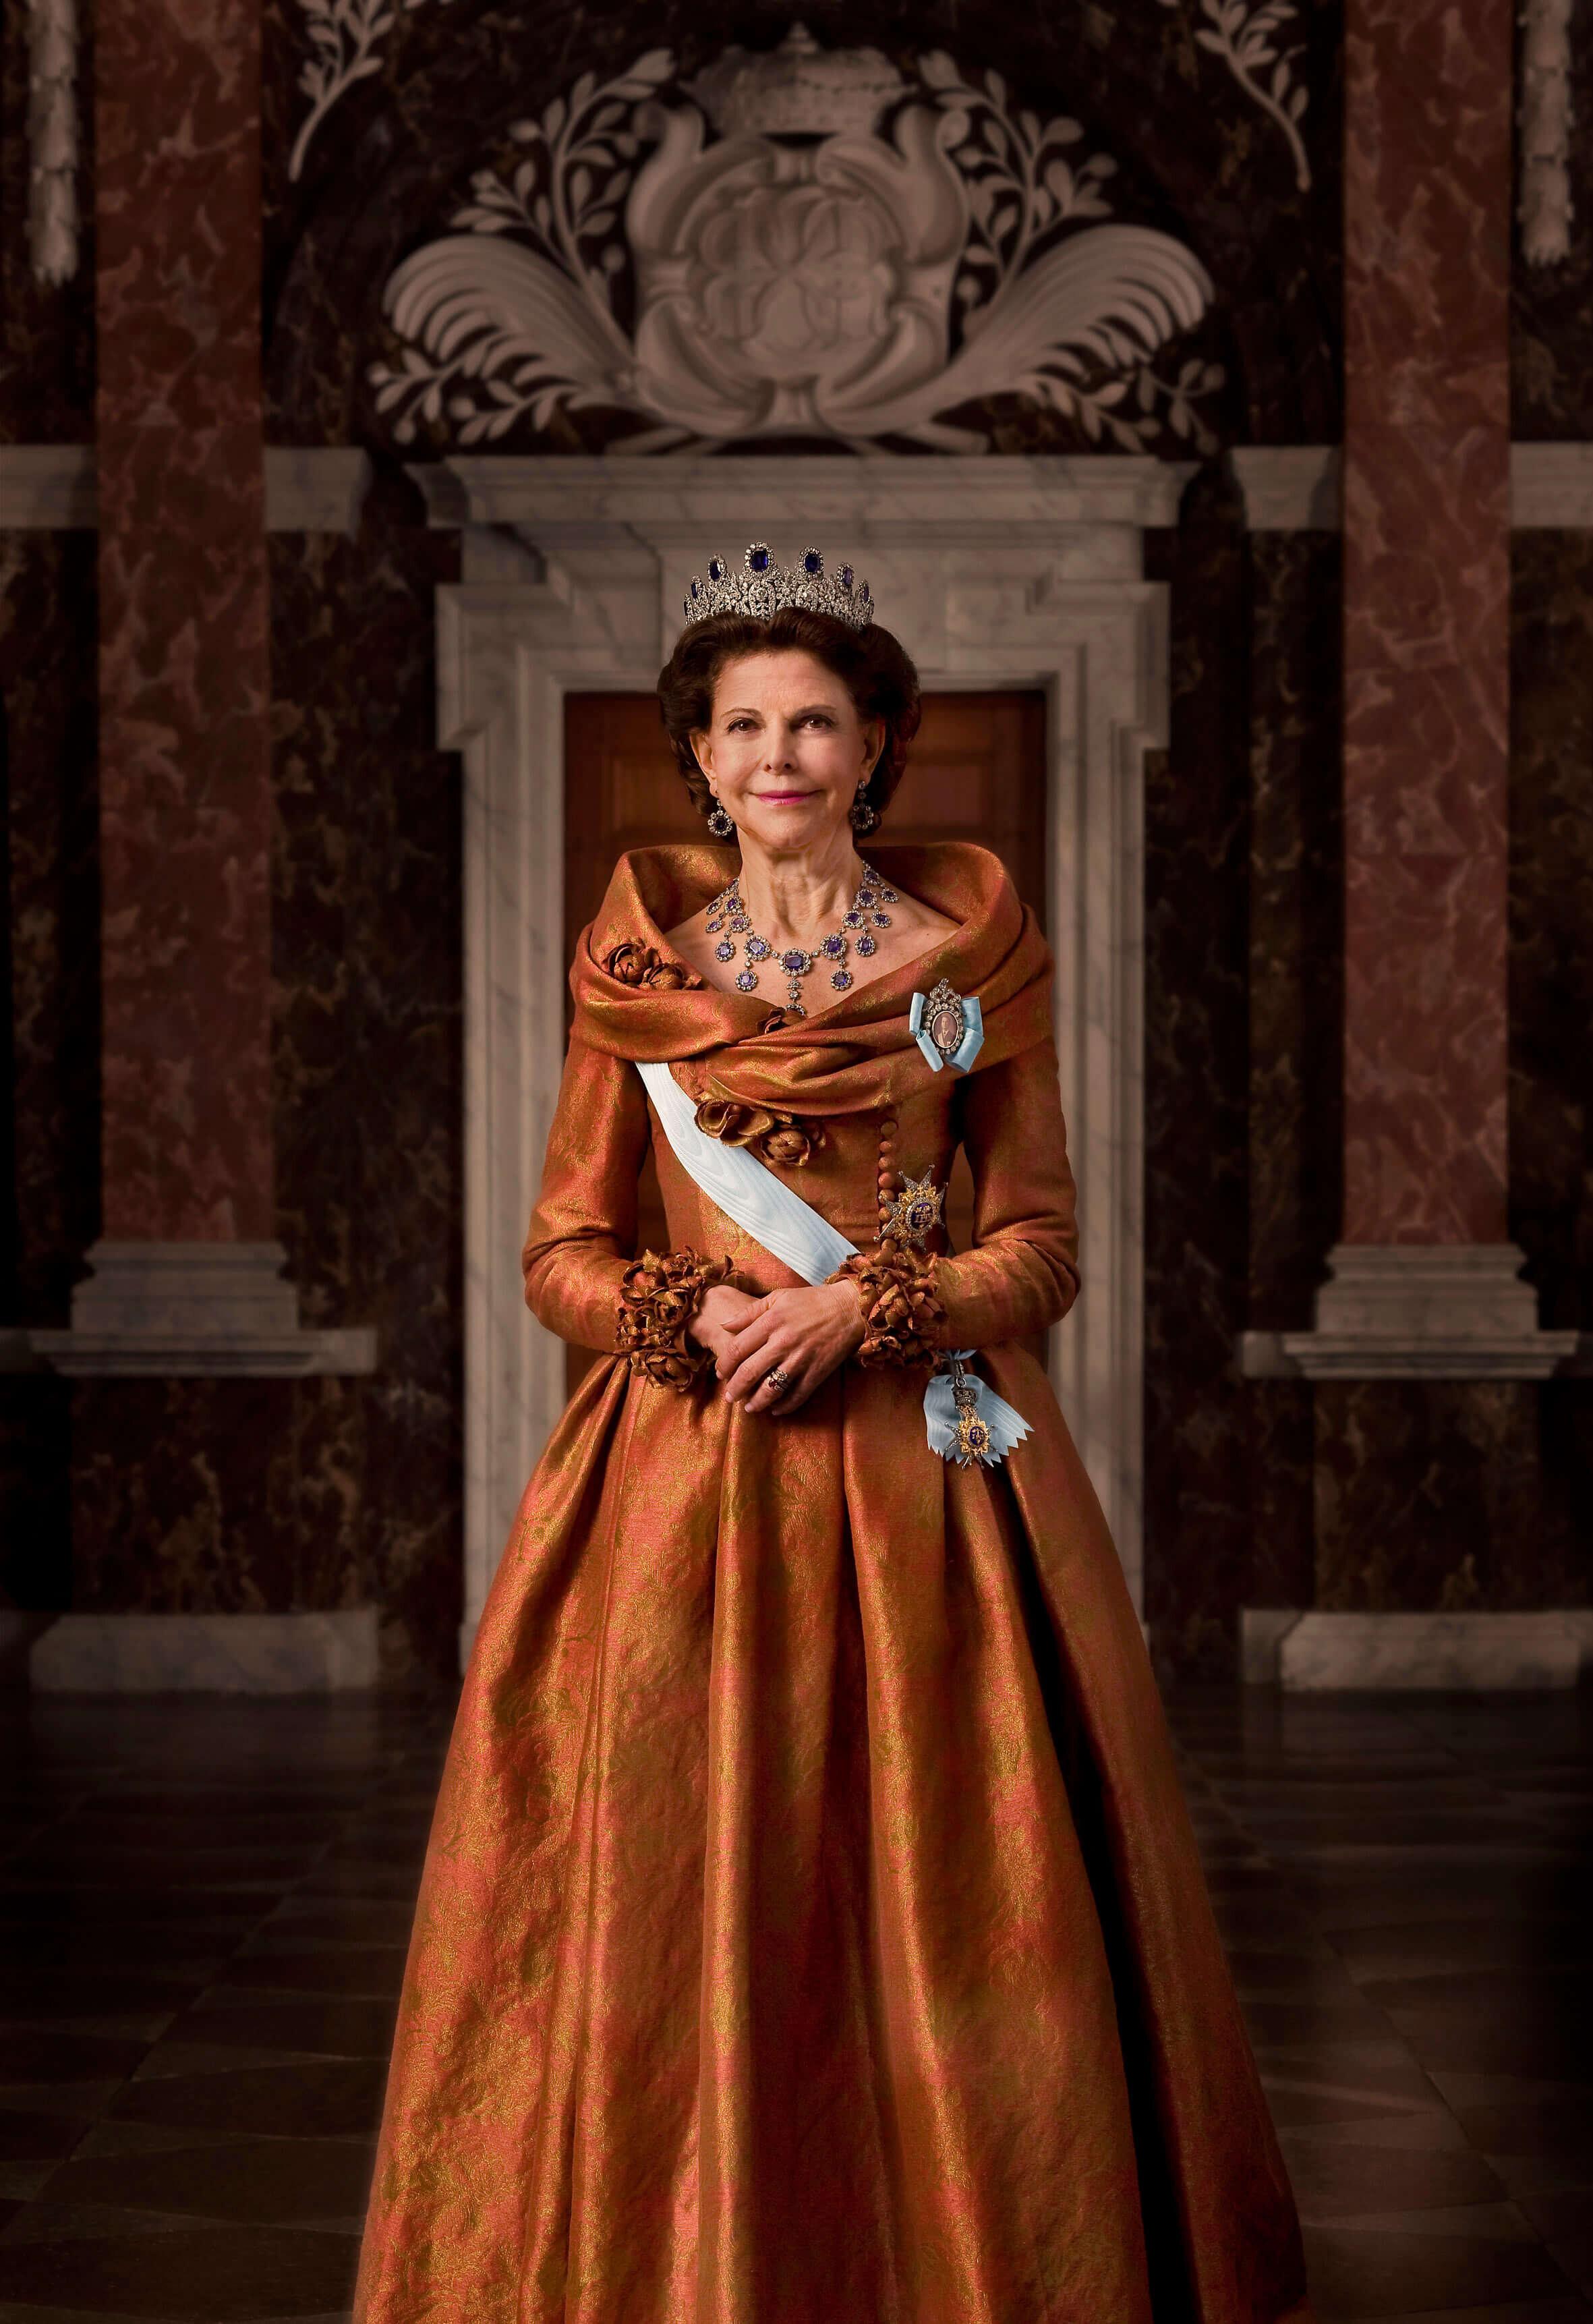 Die Leuchtenberg-Saphir-Tiara ist der Favorit von Königin Silvia. Sie gehörte einst Auguste von Bayern (1788-1851), Schwiegermutter von König Oskar I. von Schweden. © Kungl. Court. Foto: Bruno Ehrs